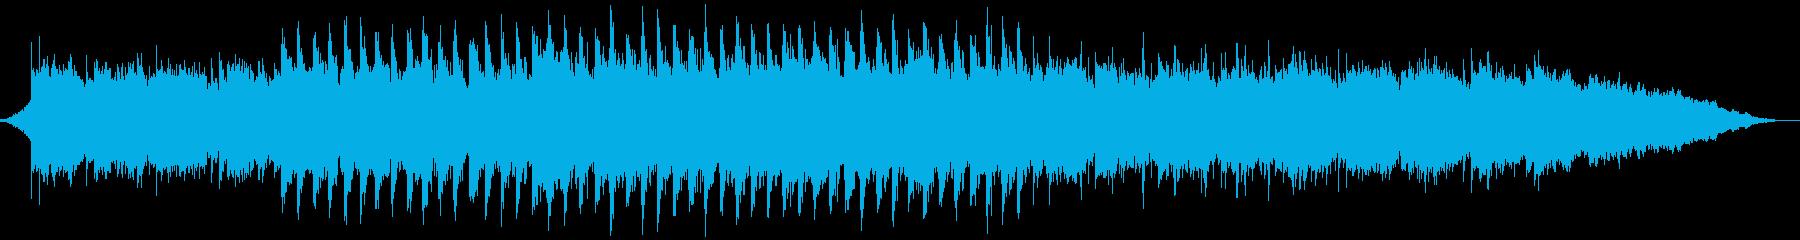 60秒,企業VP,コーポレート,心地よいの再生済みの波形